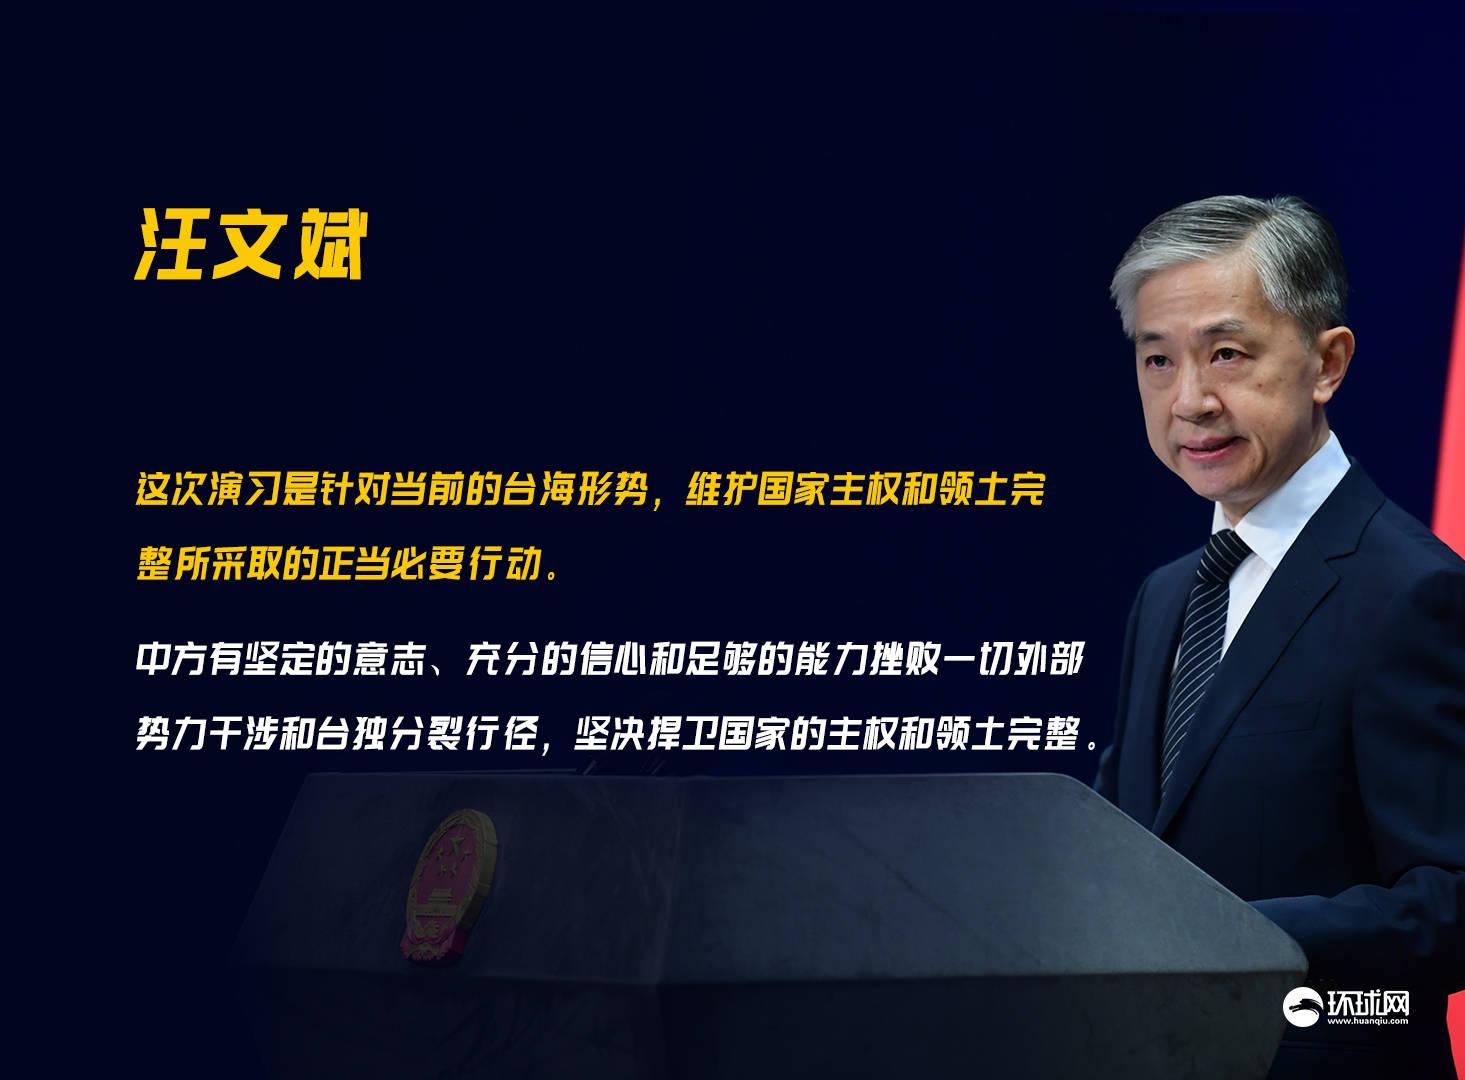 解放军在台湾海峡军事活动与美副国务卿访台有关?汪文斌回应